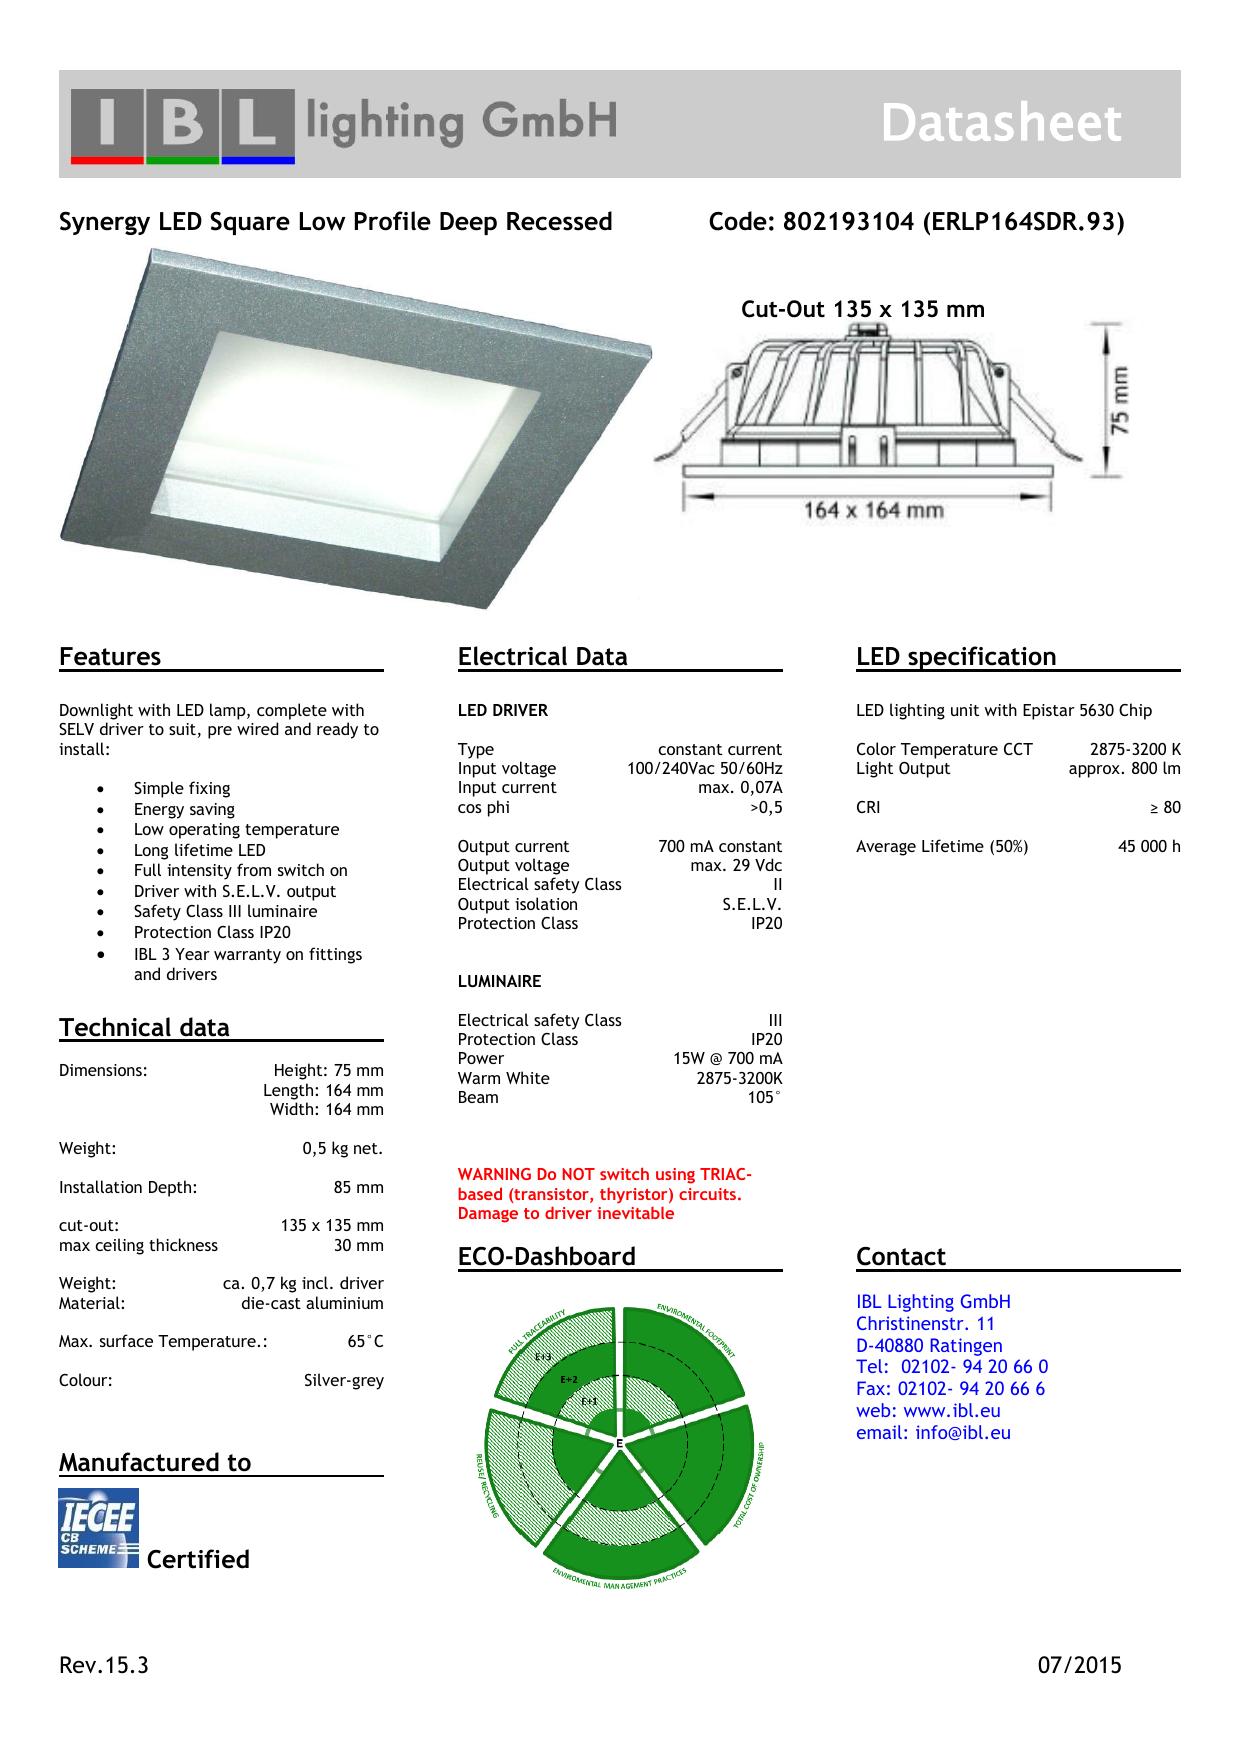 Datasheet Ibl Lighting Gmbh Manualzz